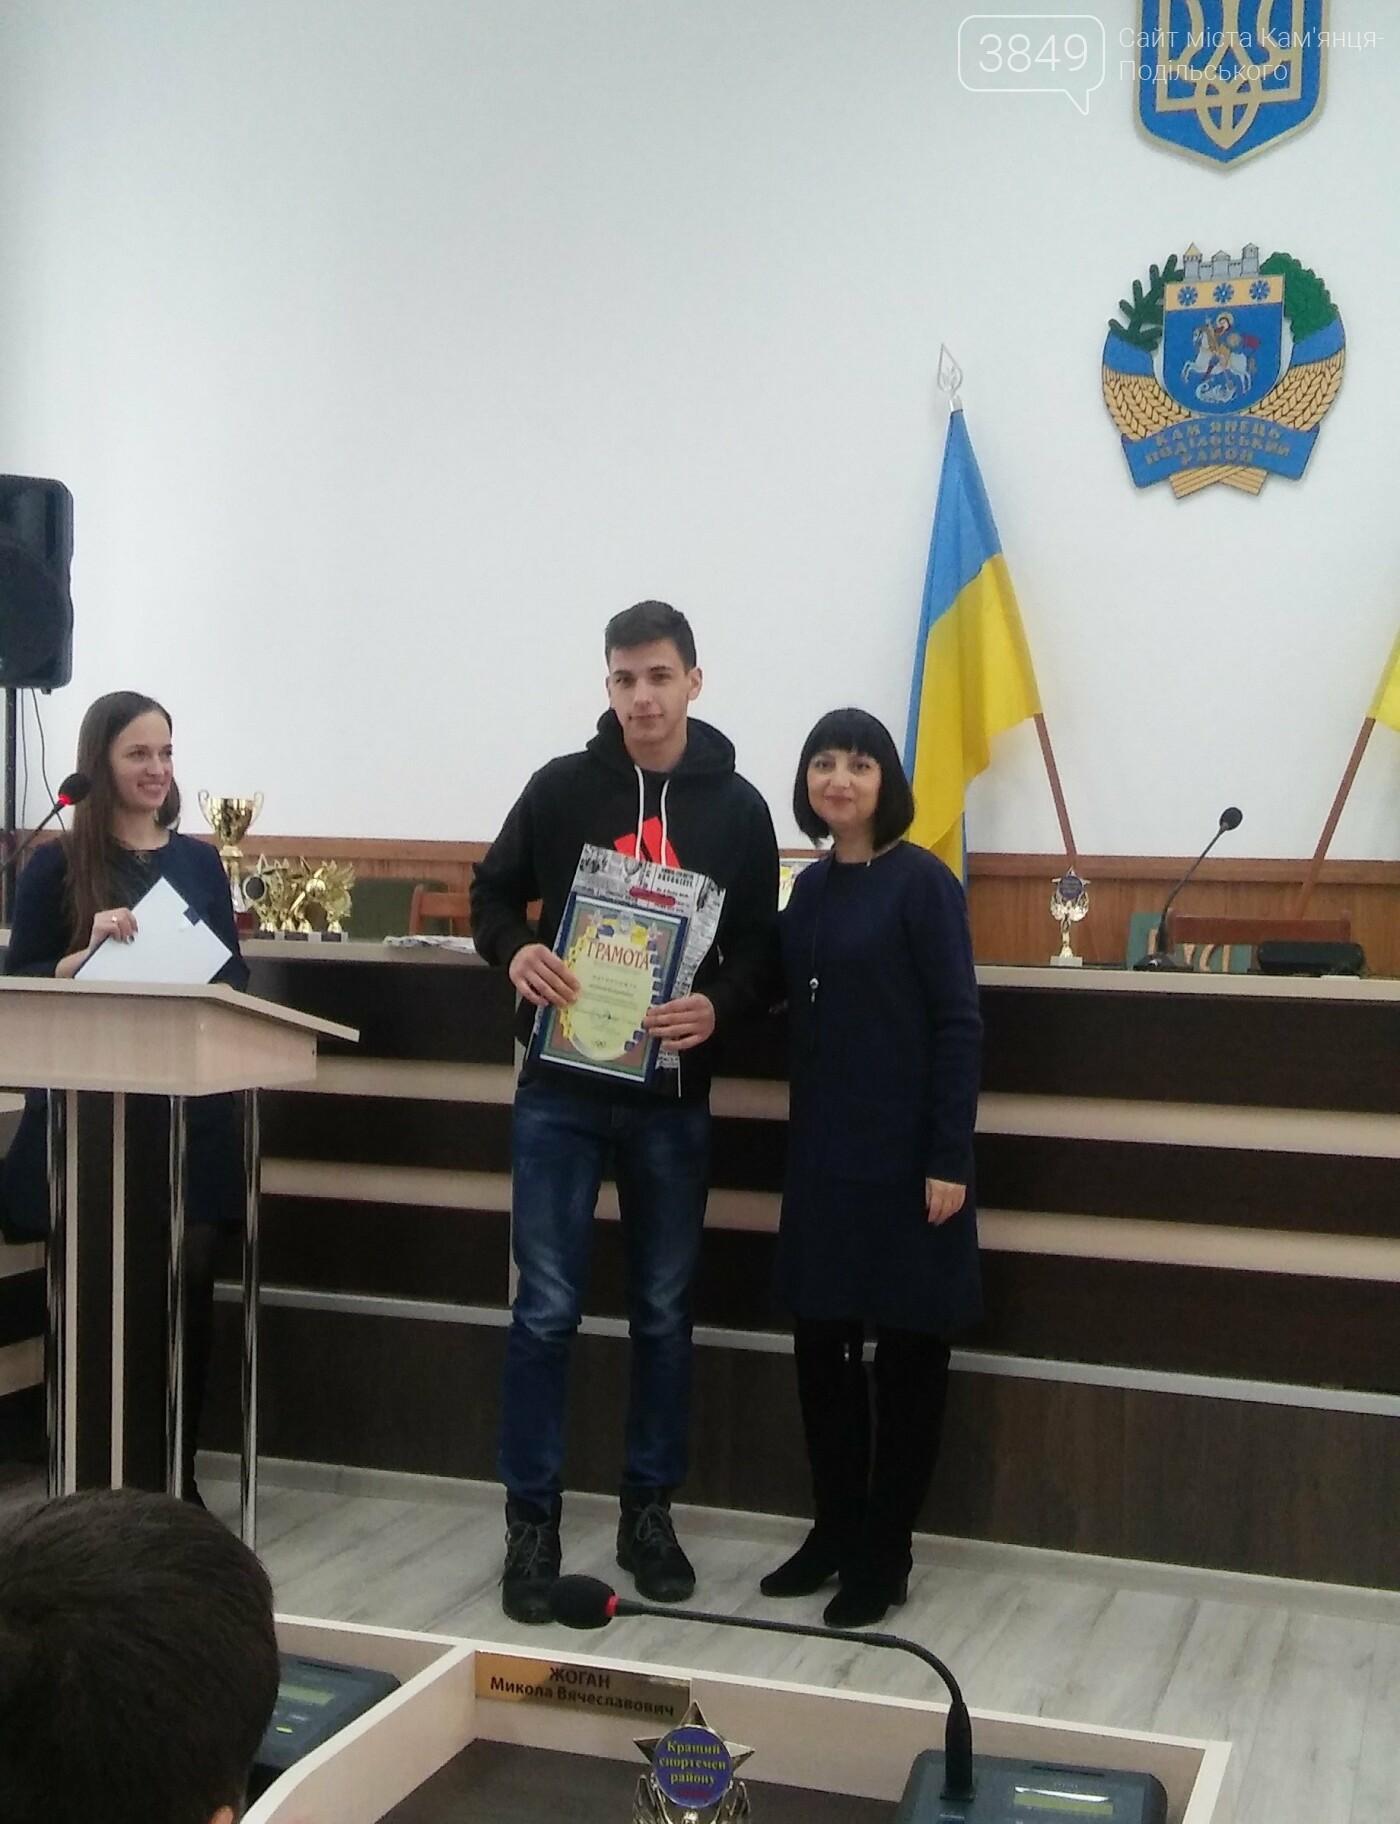 Вперше спортсмени Кам'янеччини отримали стипендії, фото-3